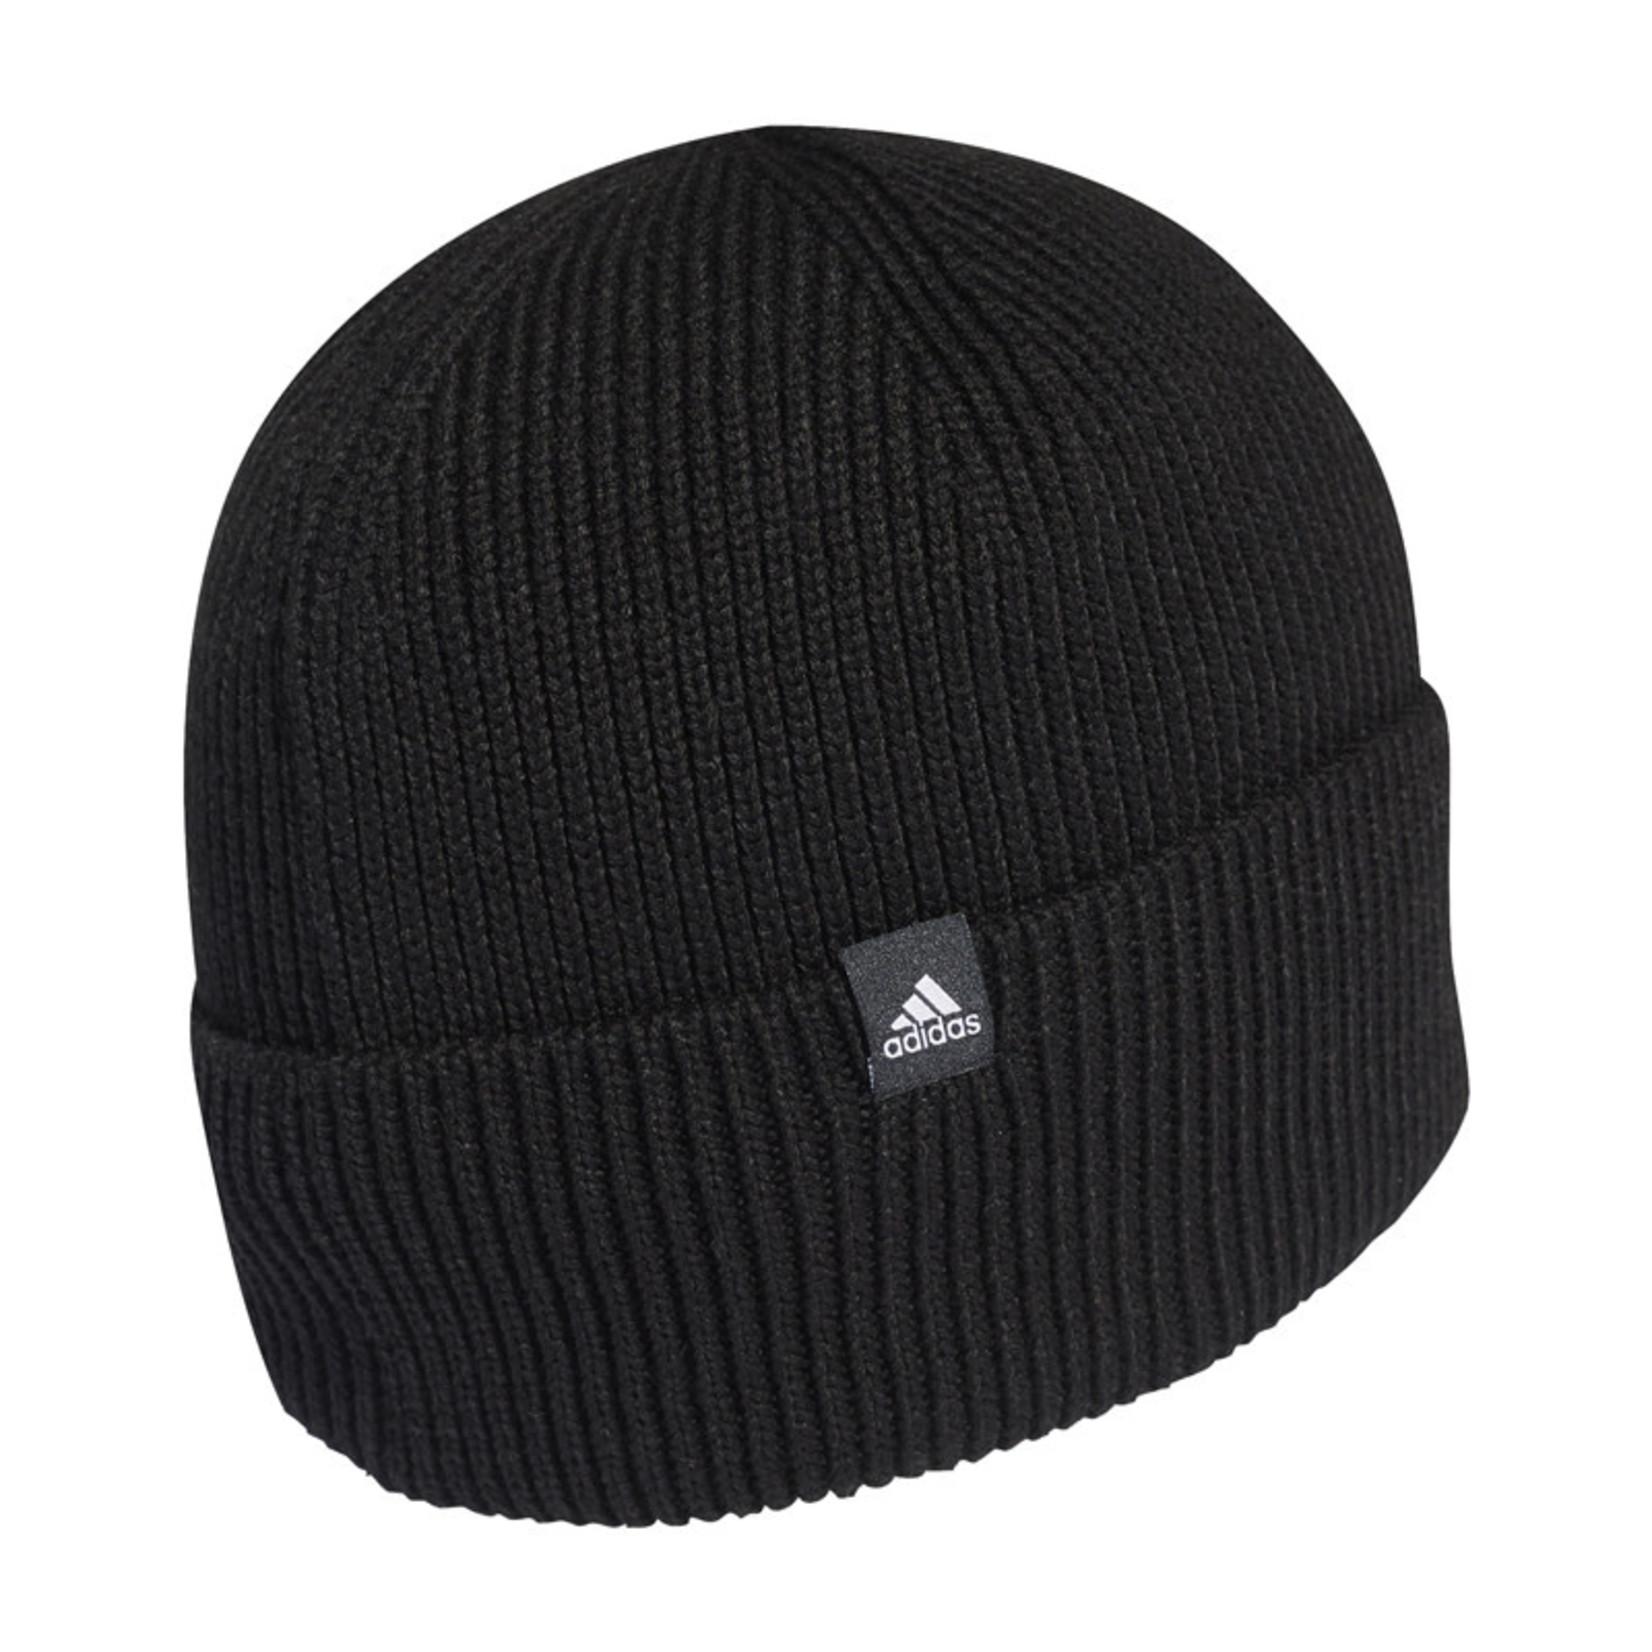 Adidas Adidas : Side Logo Fi Beanie